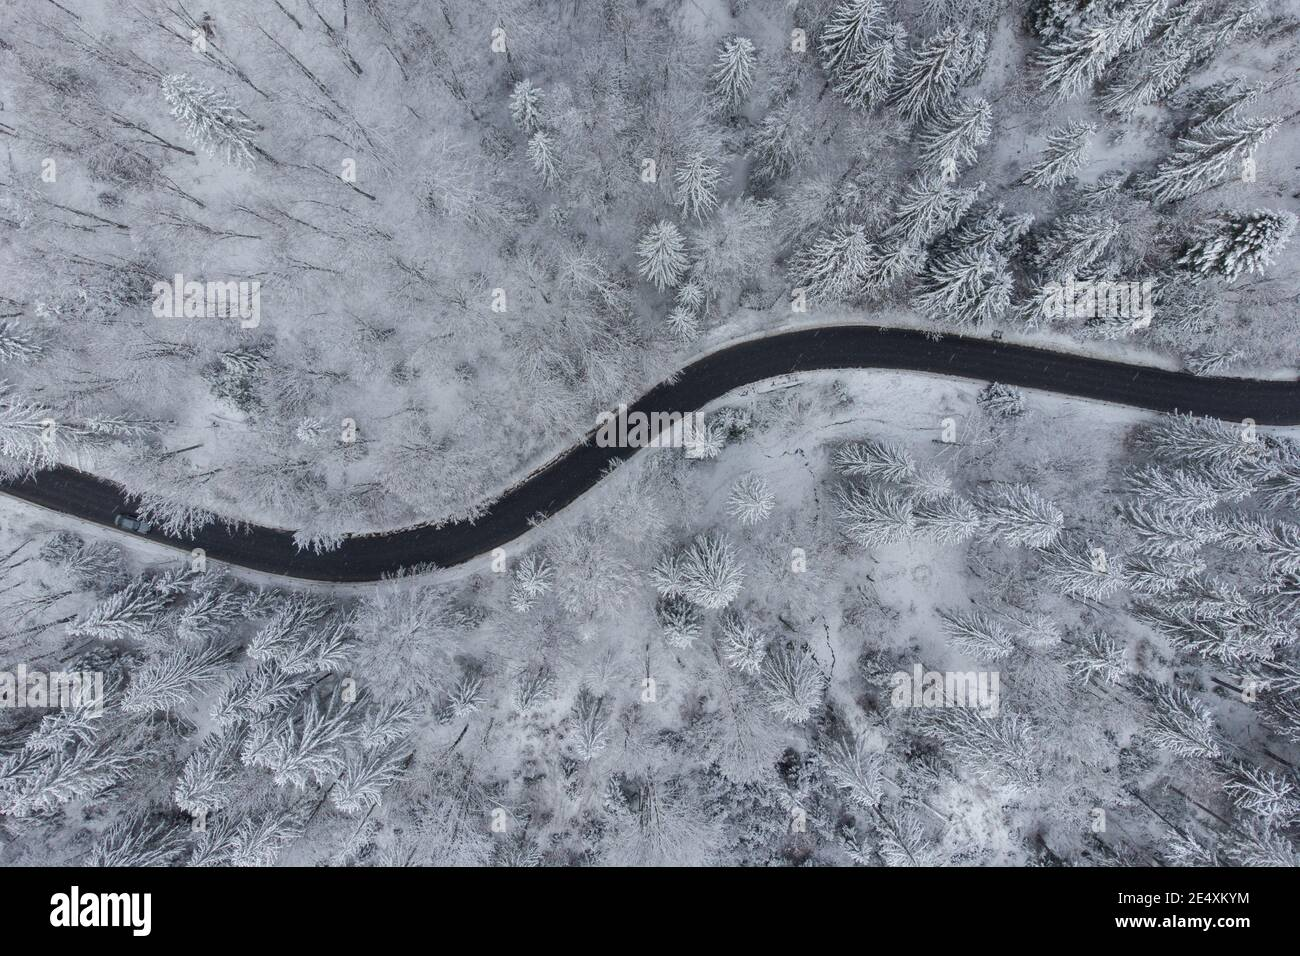 Vista aérea de invierno de la carretera de montaña curva, en Poiana Brasov Foto de stock